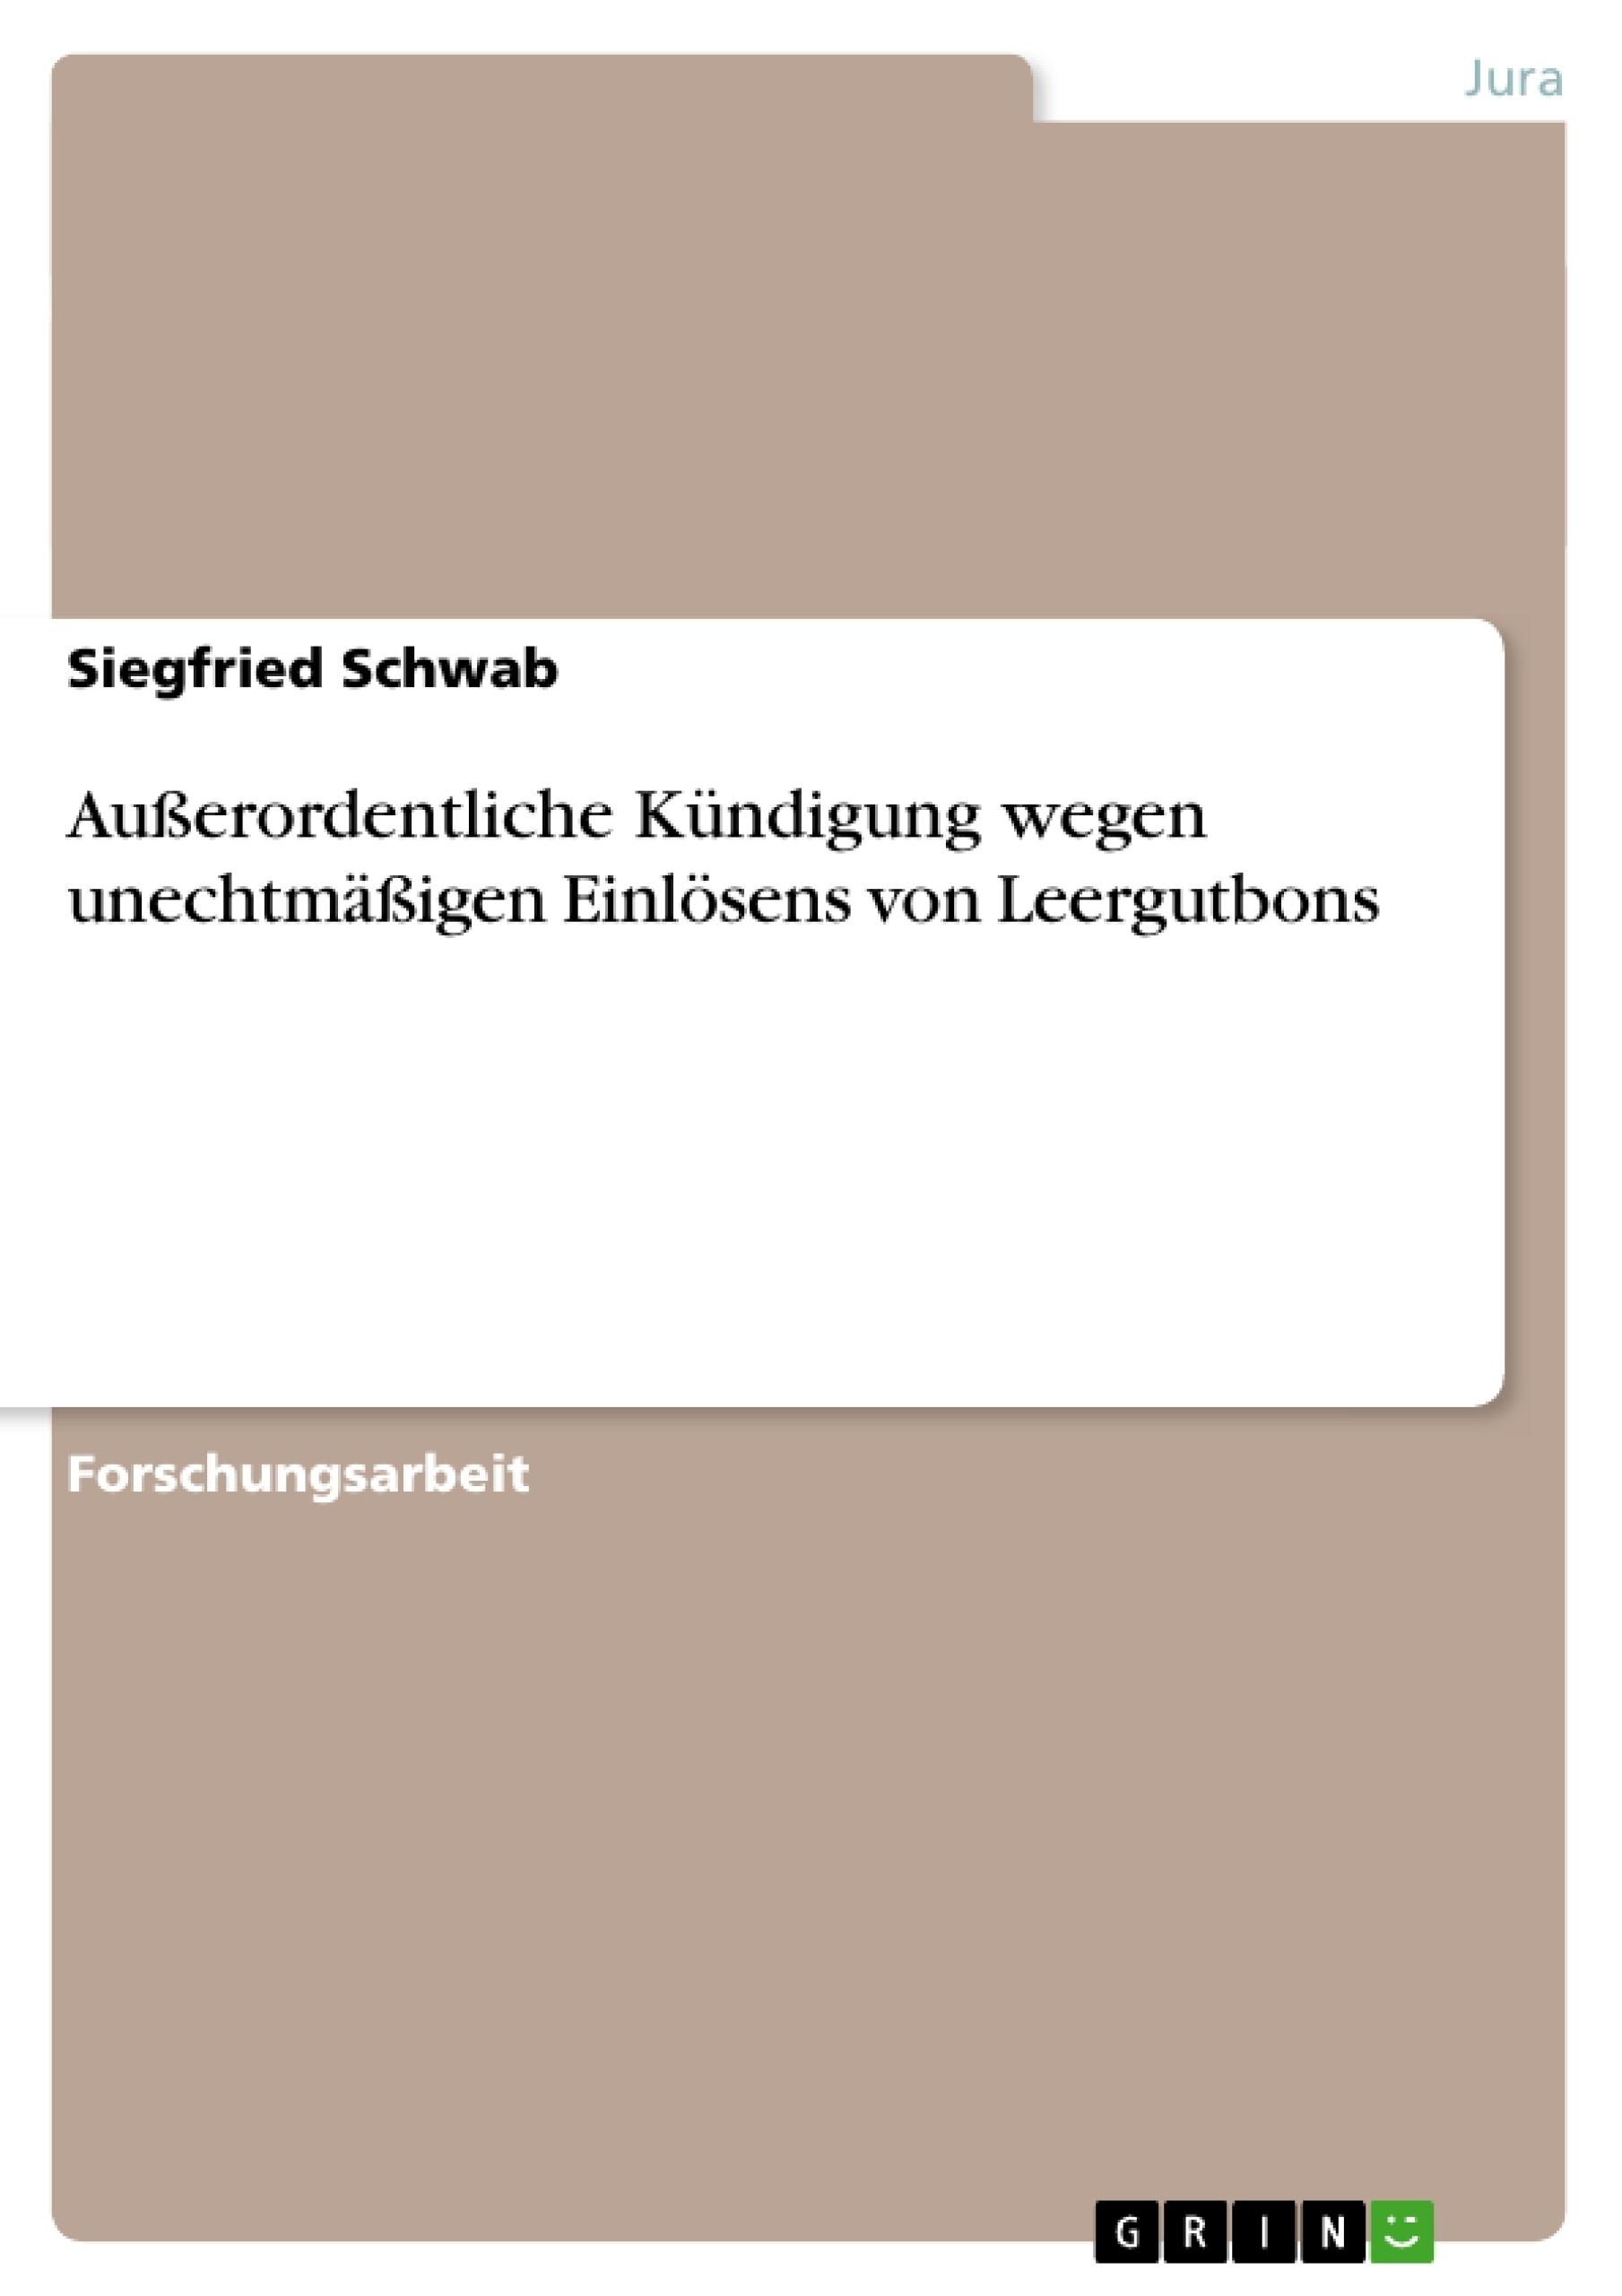 Titel: Außerordentliche Kündigung wegen unechtmäßigen Einlösens von Leergutbons